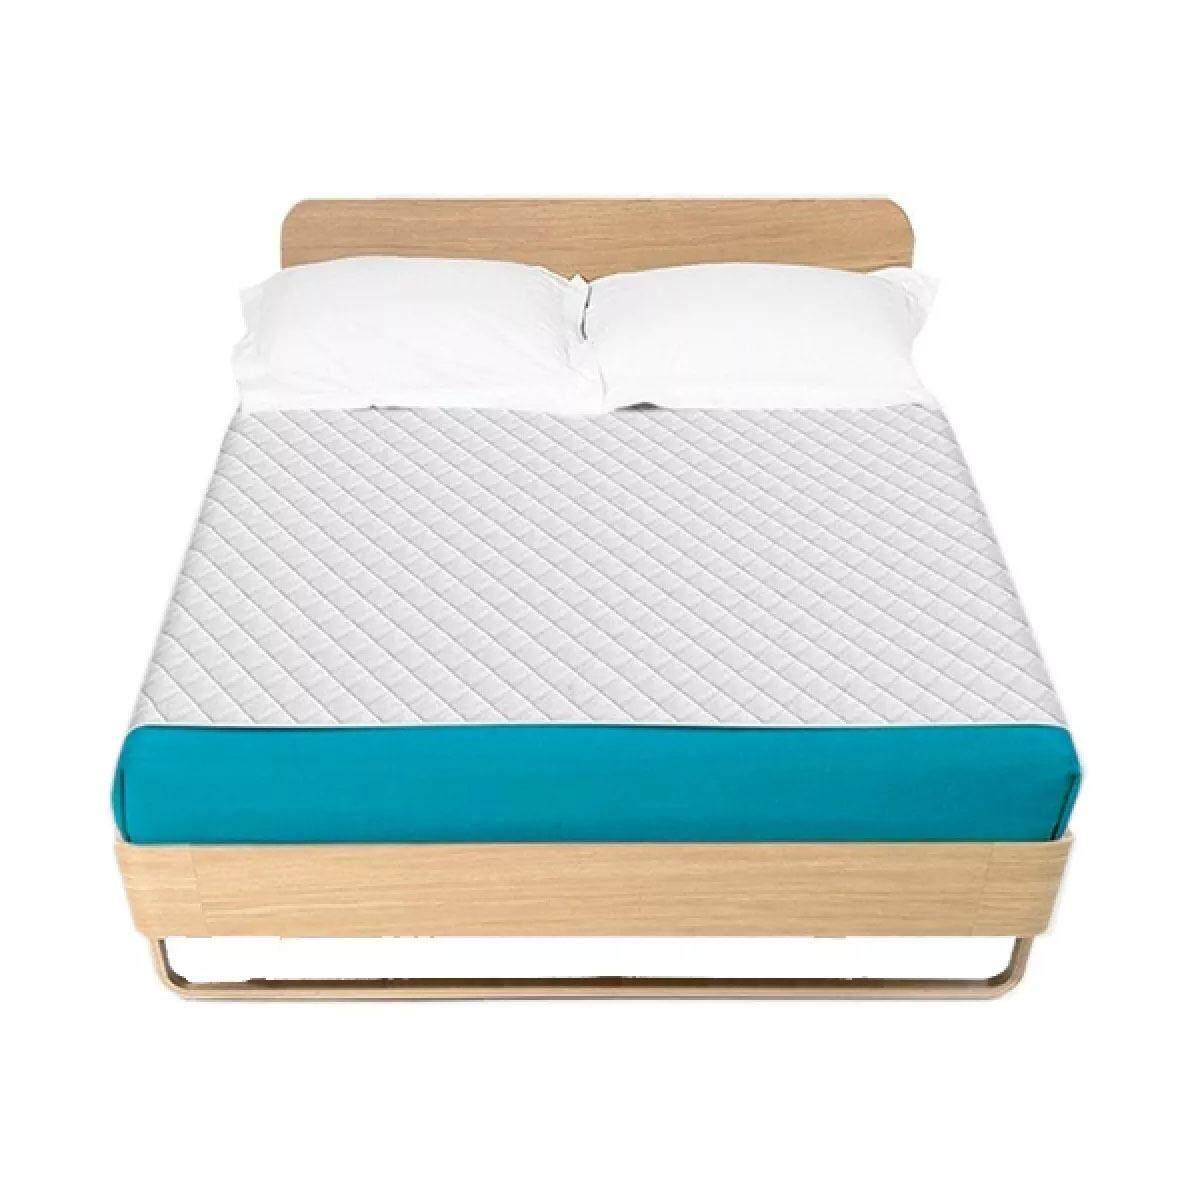 ซื้อที่ไหน Supersorber ผ้ารองเตียงซับน้ำ King Size พร้อมผ้าสอดใต้เตียง 180 x 140 ซม.